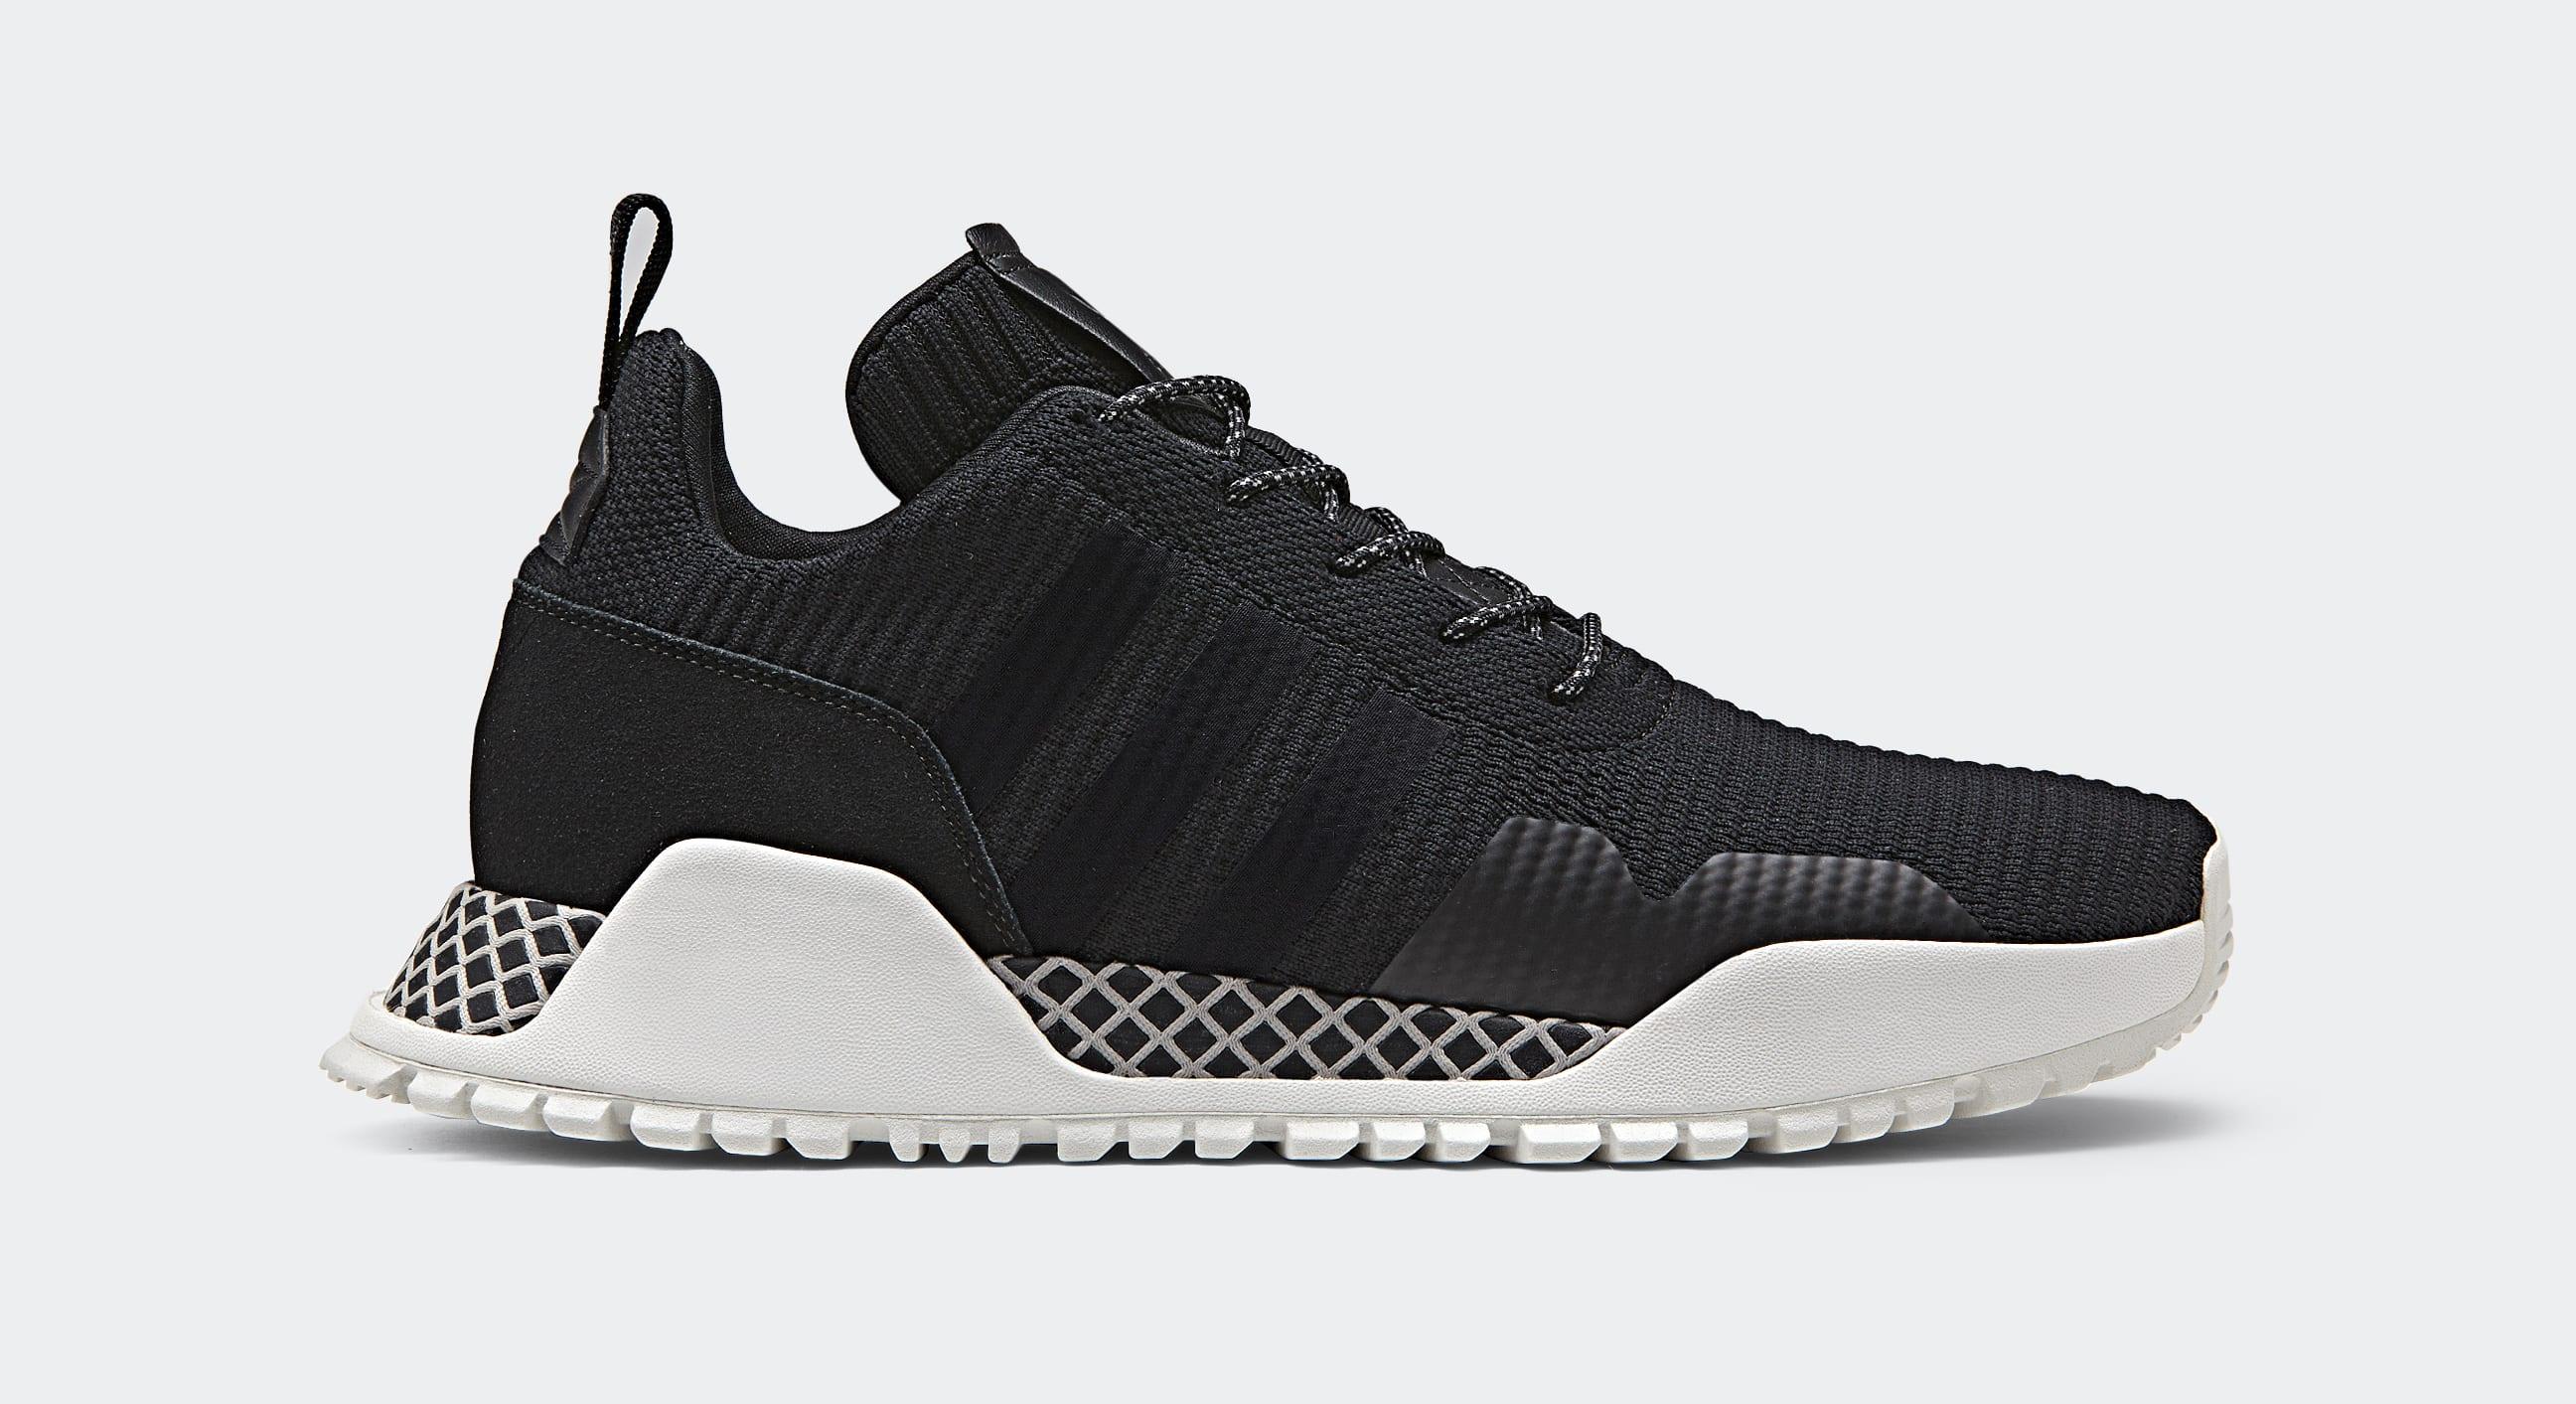 big sale 0f0a7 514f8 ... Image via Adidas Adidas AF 1.4 PK BY9395 (Lateral) adidas AF 1.4  Primeknit Shoes Black ...